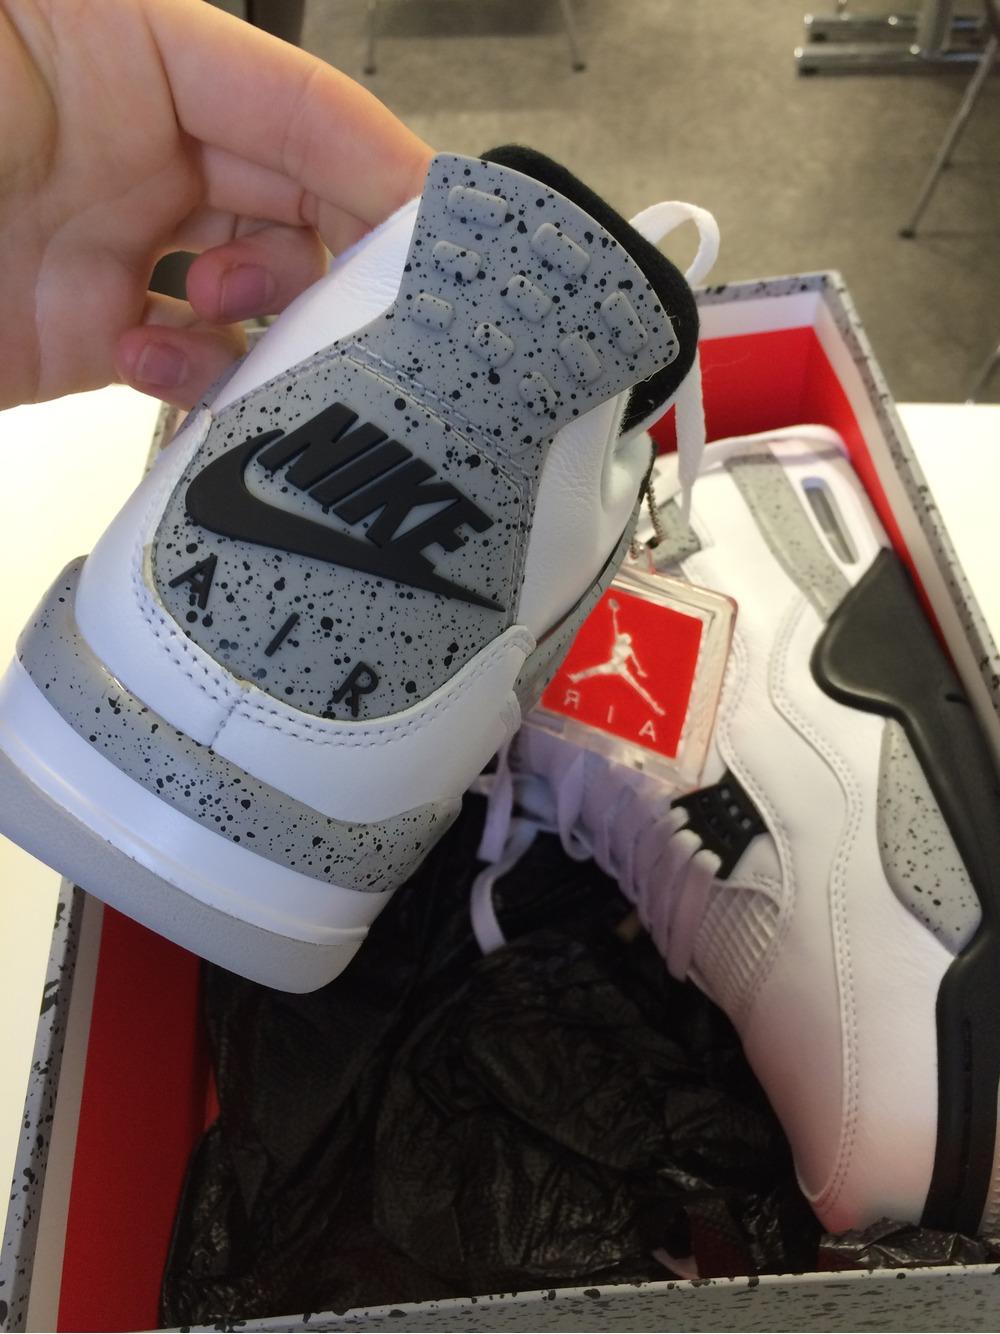 Nike Air Jordan 4 White Cement Us 10 - photo 2/3